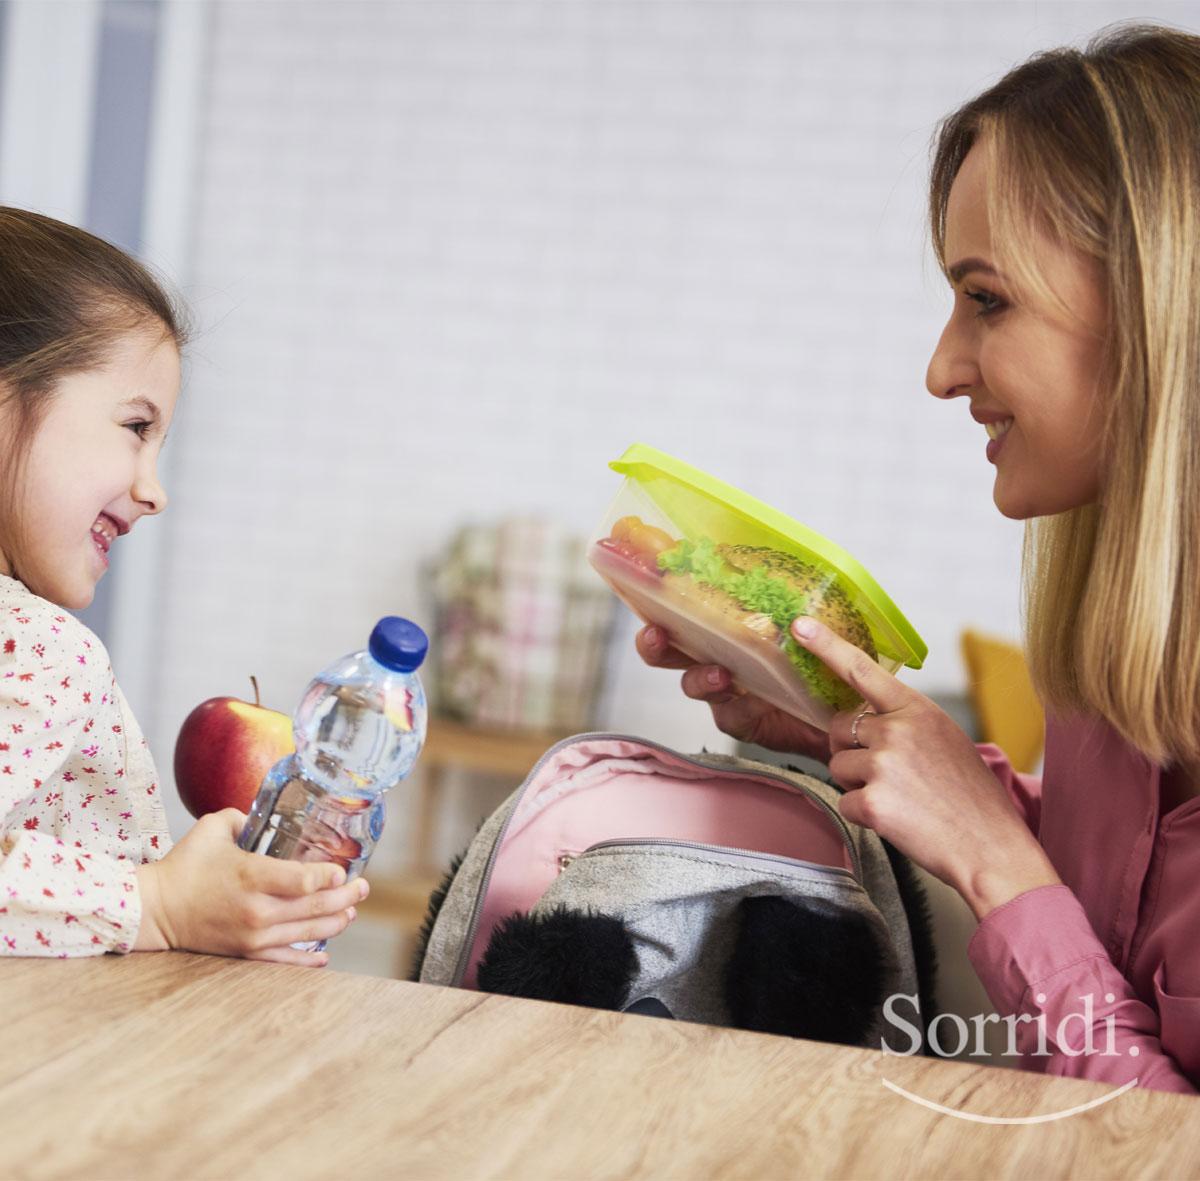 Sorridi-ch-magazine-merende-per-bambini-a-scuola